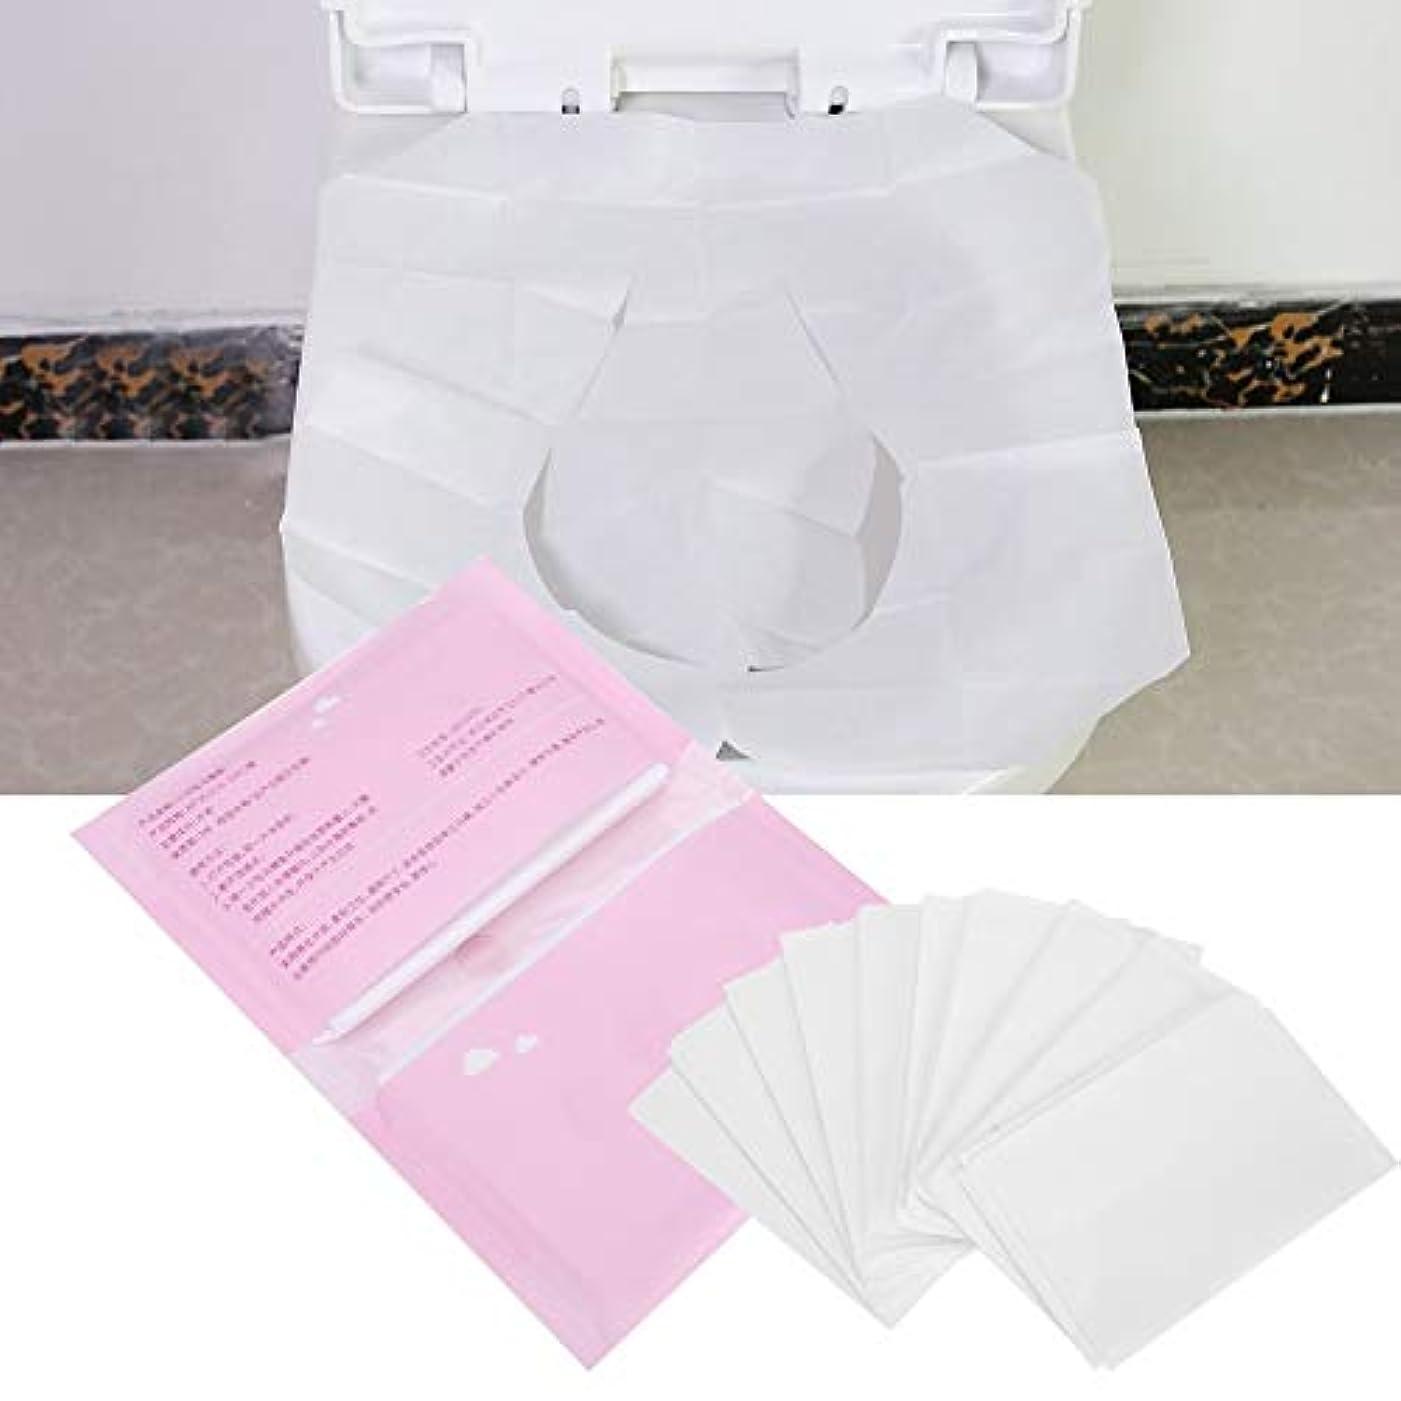 受付曖昧なゾーントイレットシートペーパー、旅行のための5つの袋の使い捨て可能な分解可能なトイレットペーパーペーパー、10pices / bag